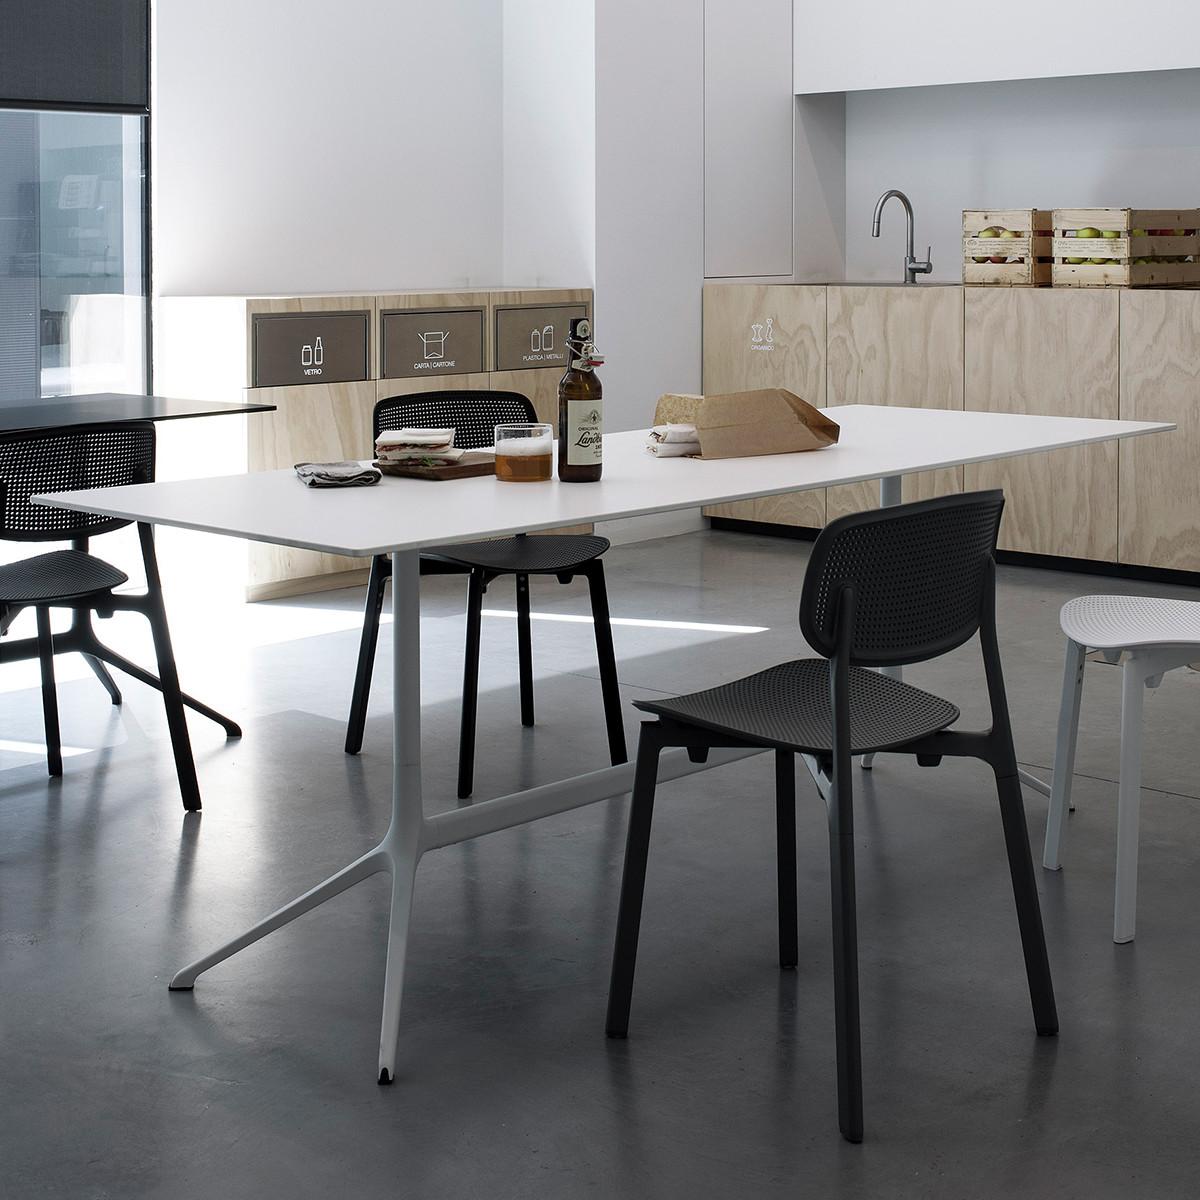 kristalia elephant double tisch 200x79 cm h he 76 cm mit klappbarer platte casa de. Black Bedroom Furniture Sets. Home Design Ideas